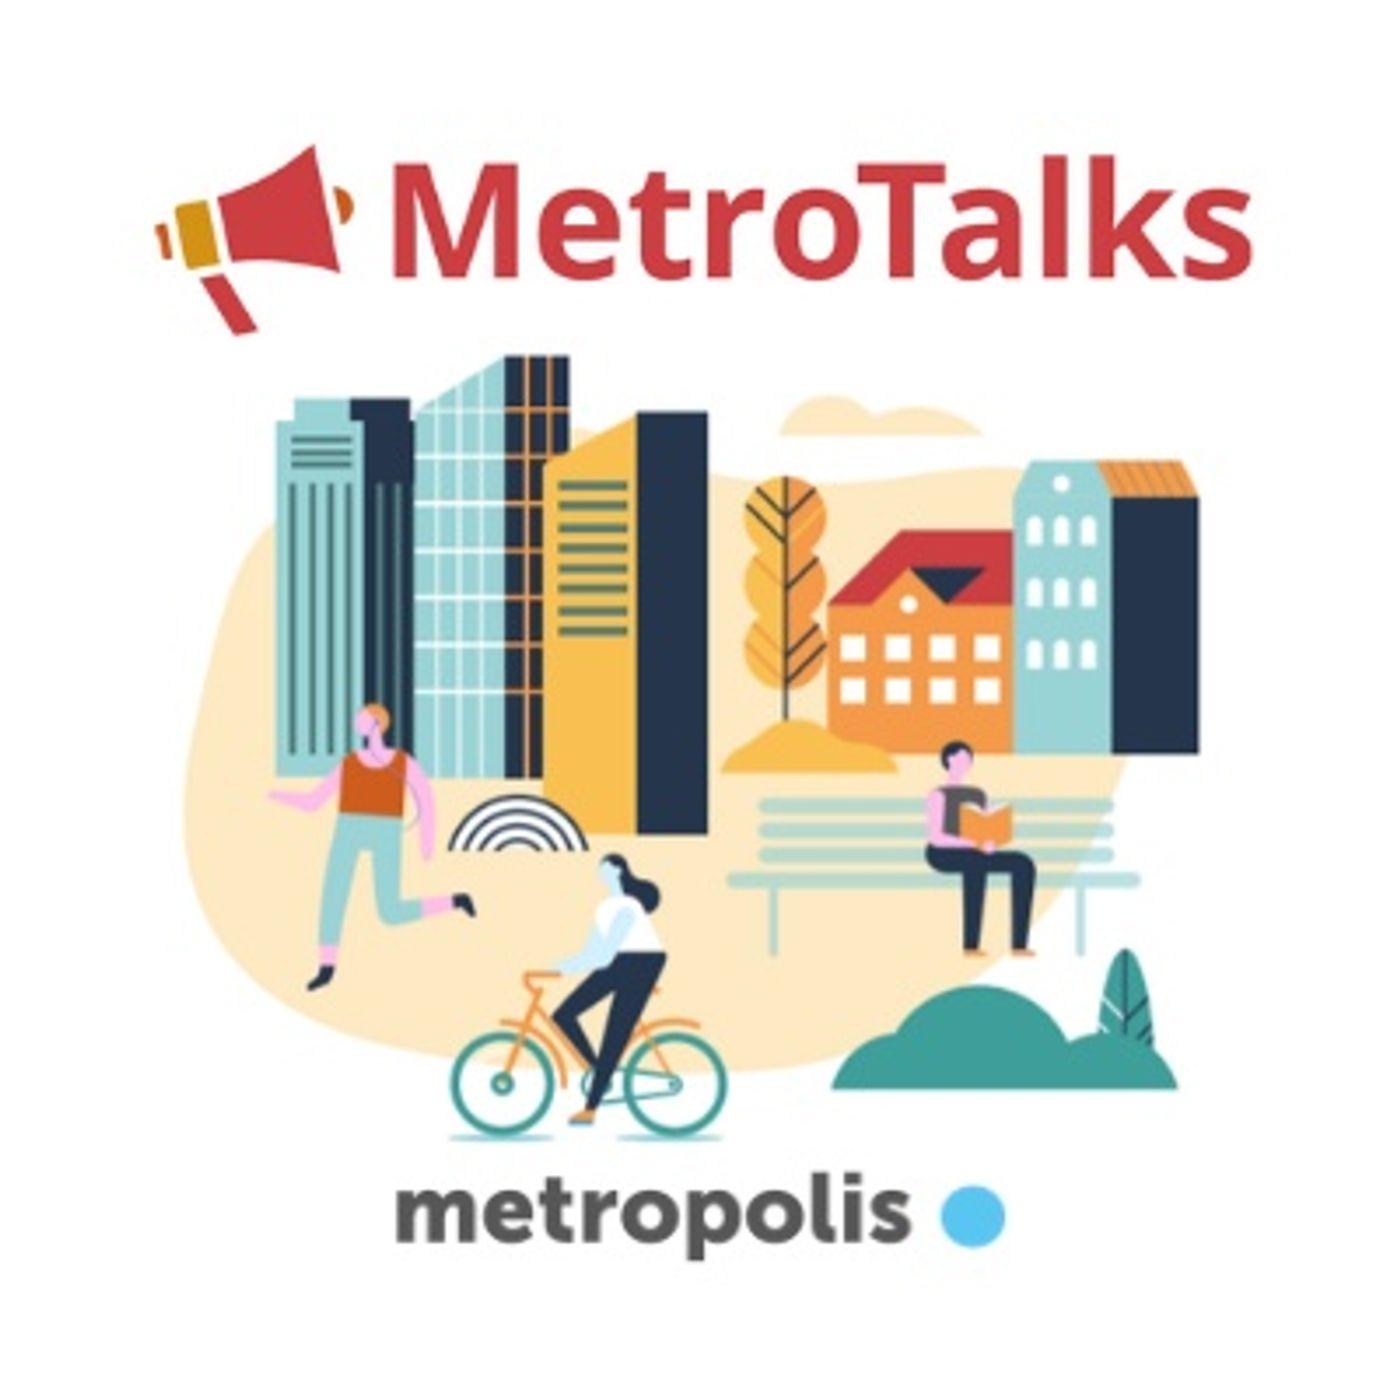 MetroTalks - Rethinking metropolitan spaces